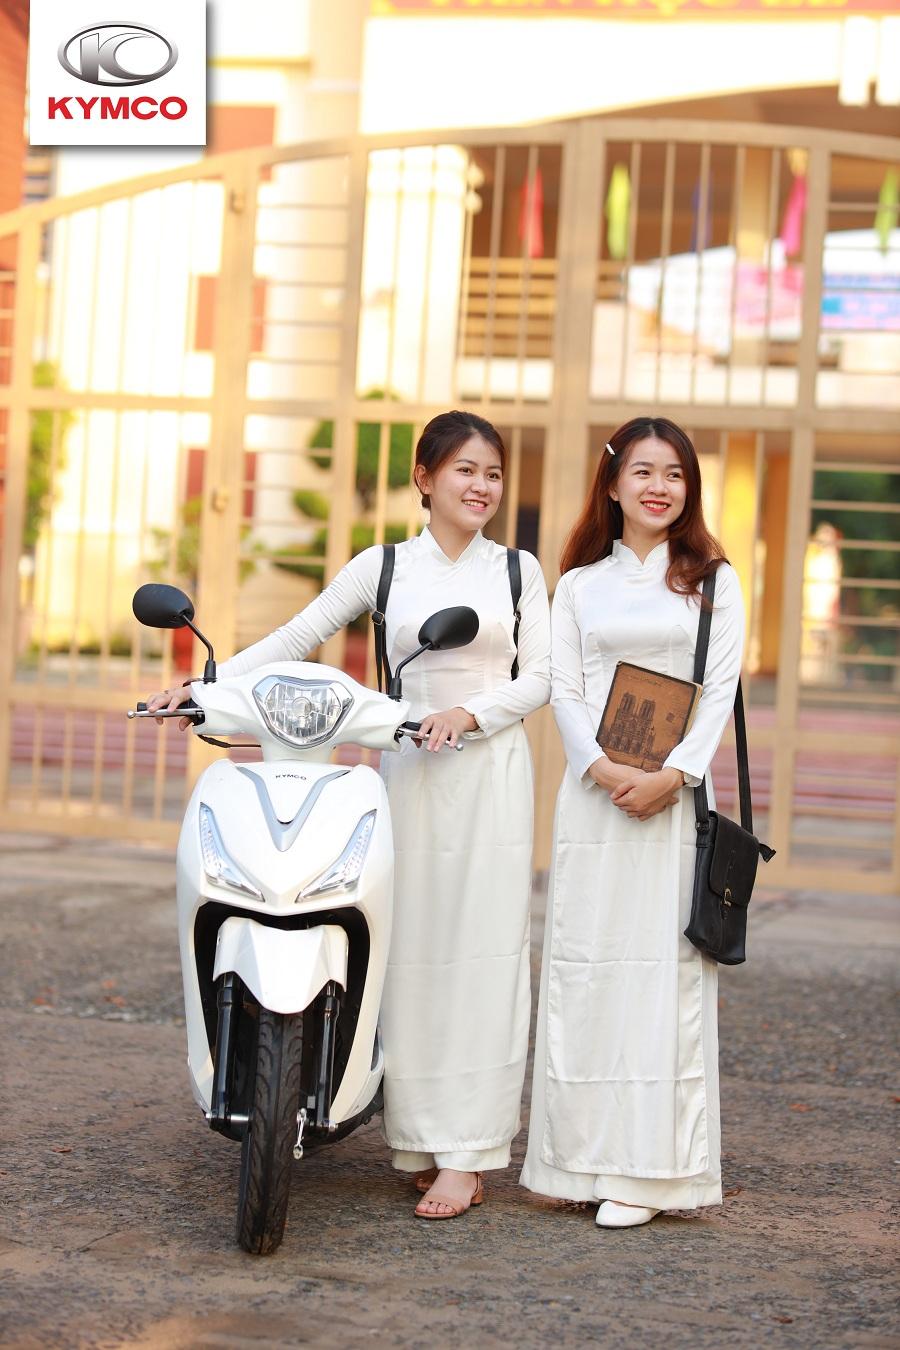 Xe máy ga kymco được các bạn học sinh ưa chuộng